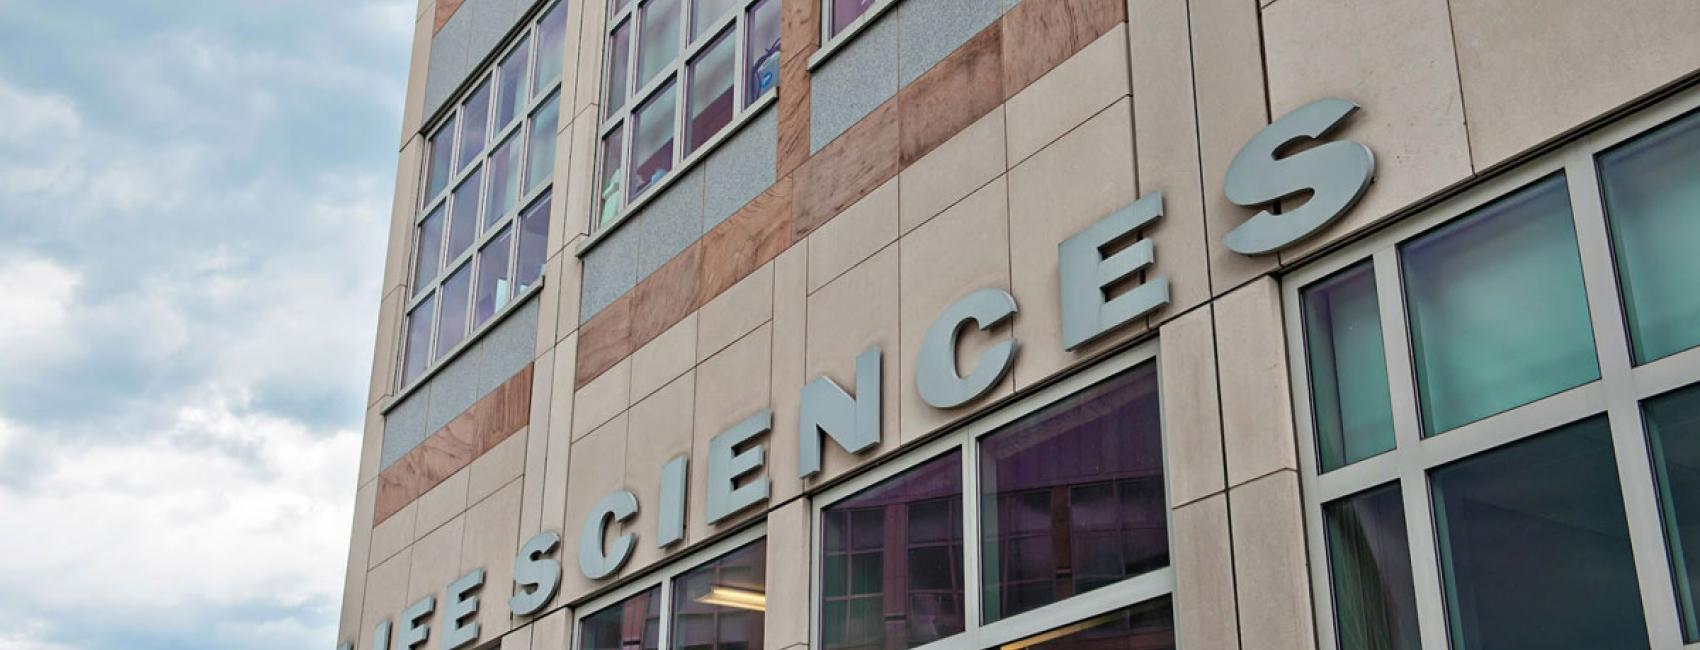 Life Sciences Institute building